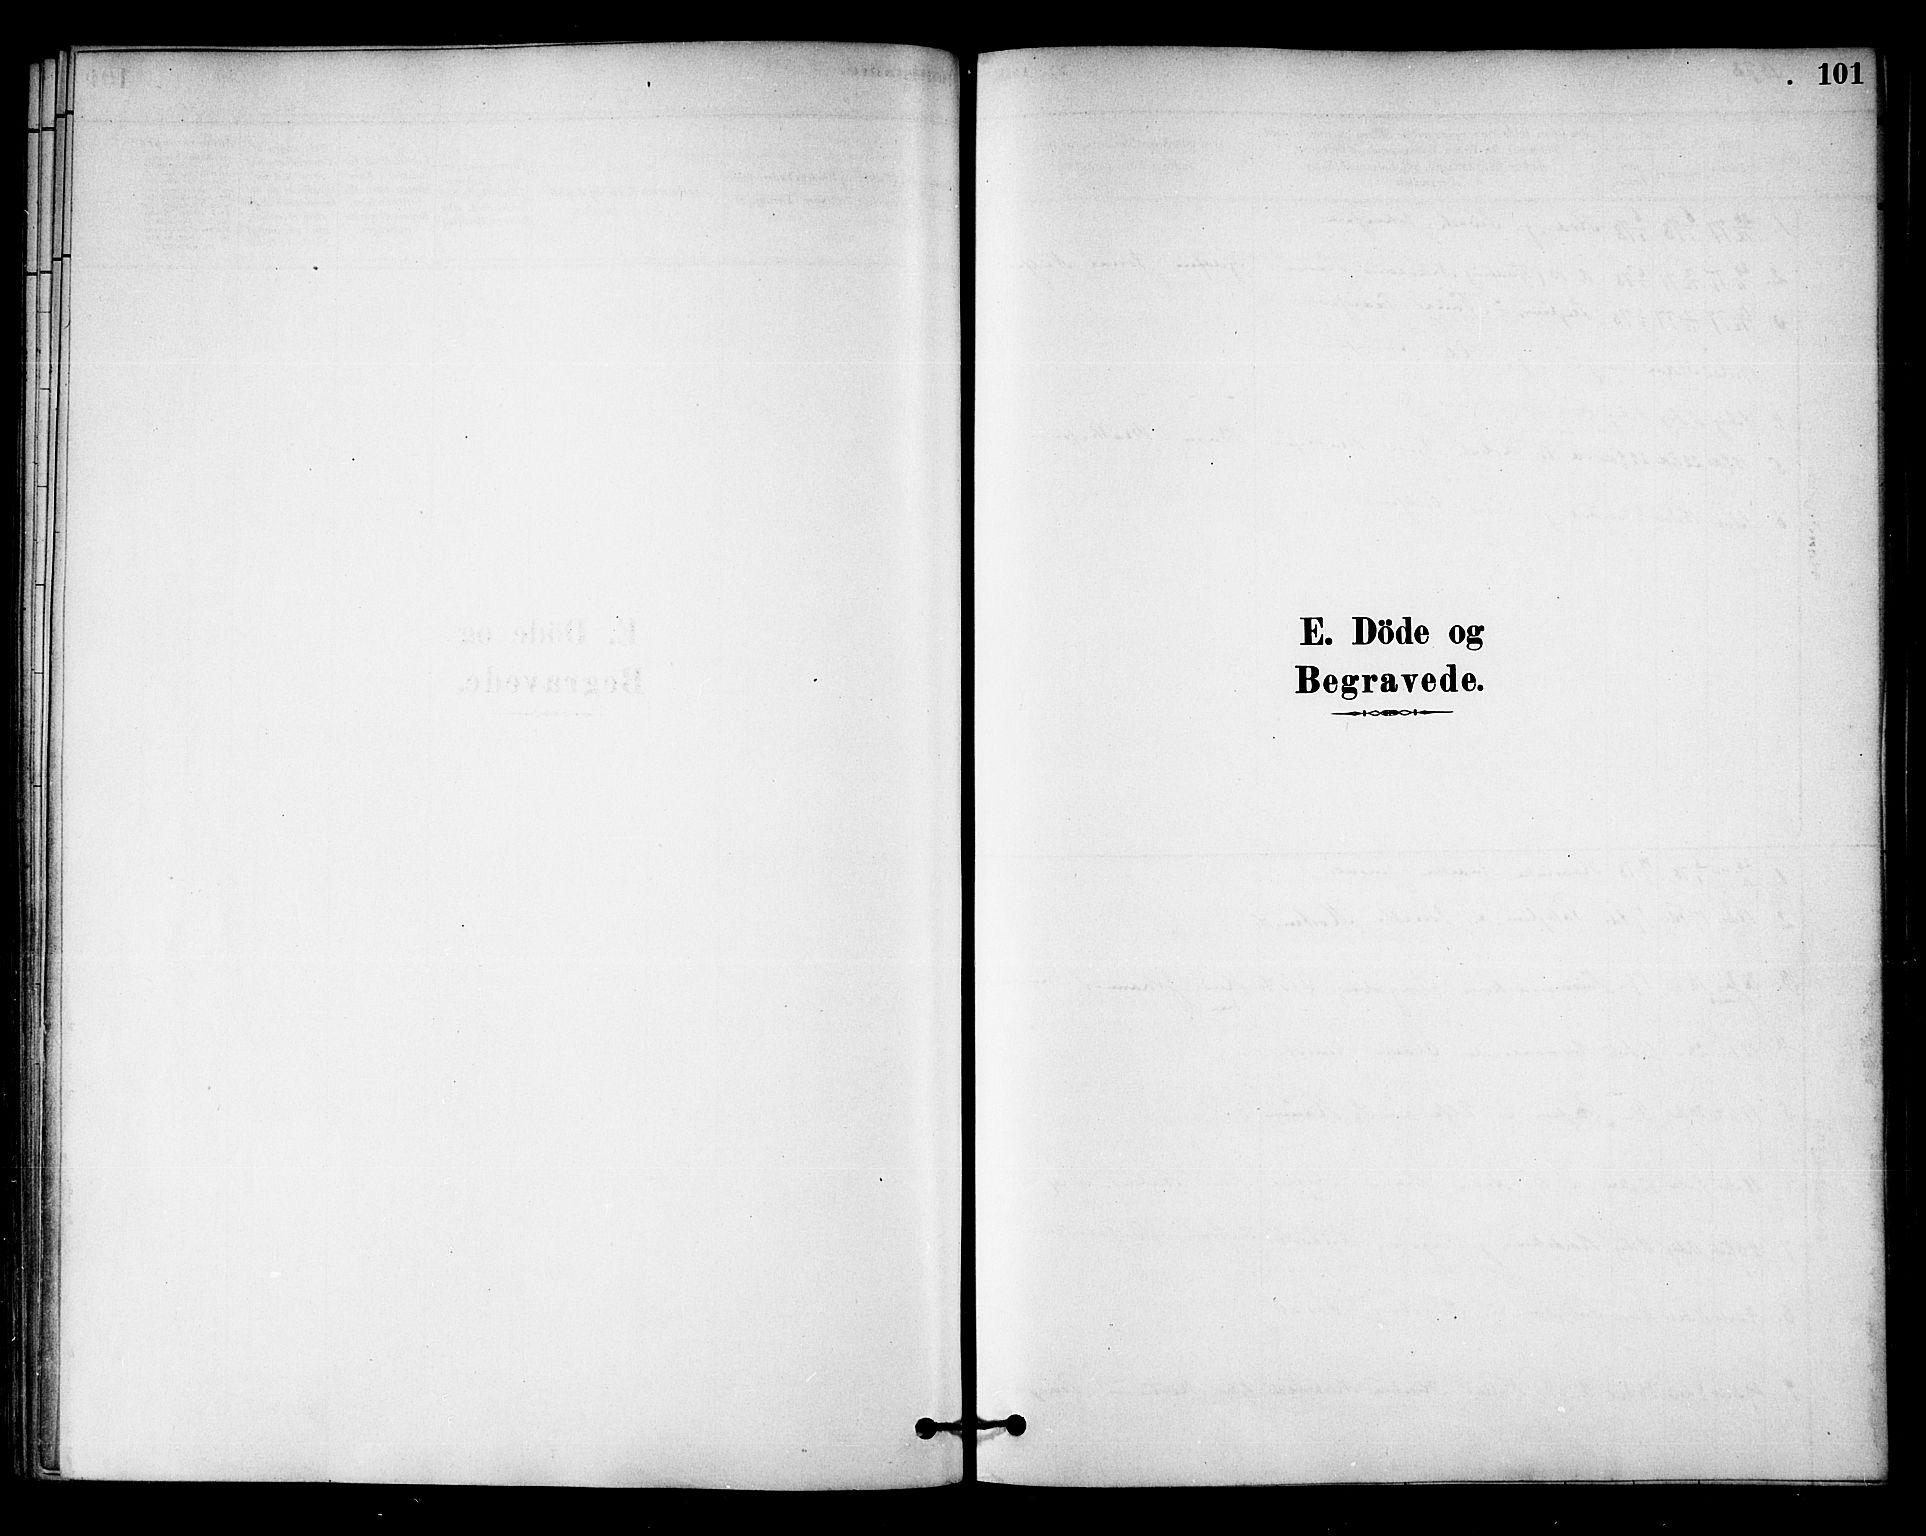 SAT, Ministerialprotokoller, klokkerbøker og fødselsregistre - Nord-Trøndelag, 742/L0408: Ministerialbok nr. 742A01, 1878-1890, s. 101